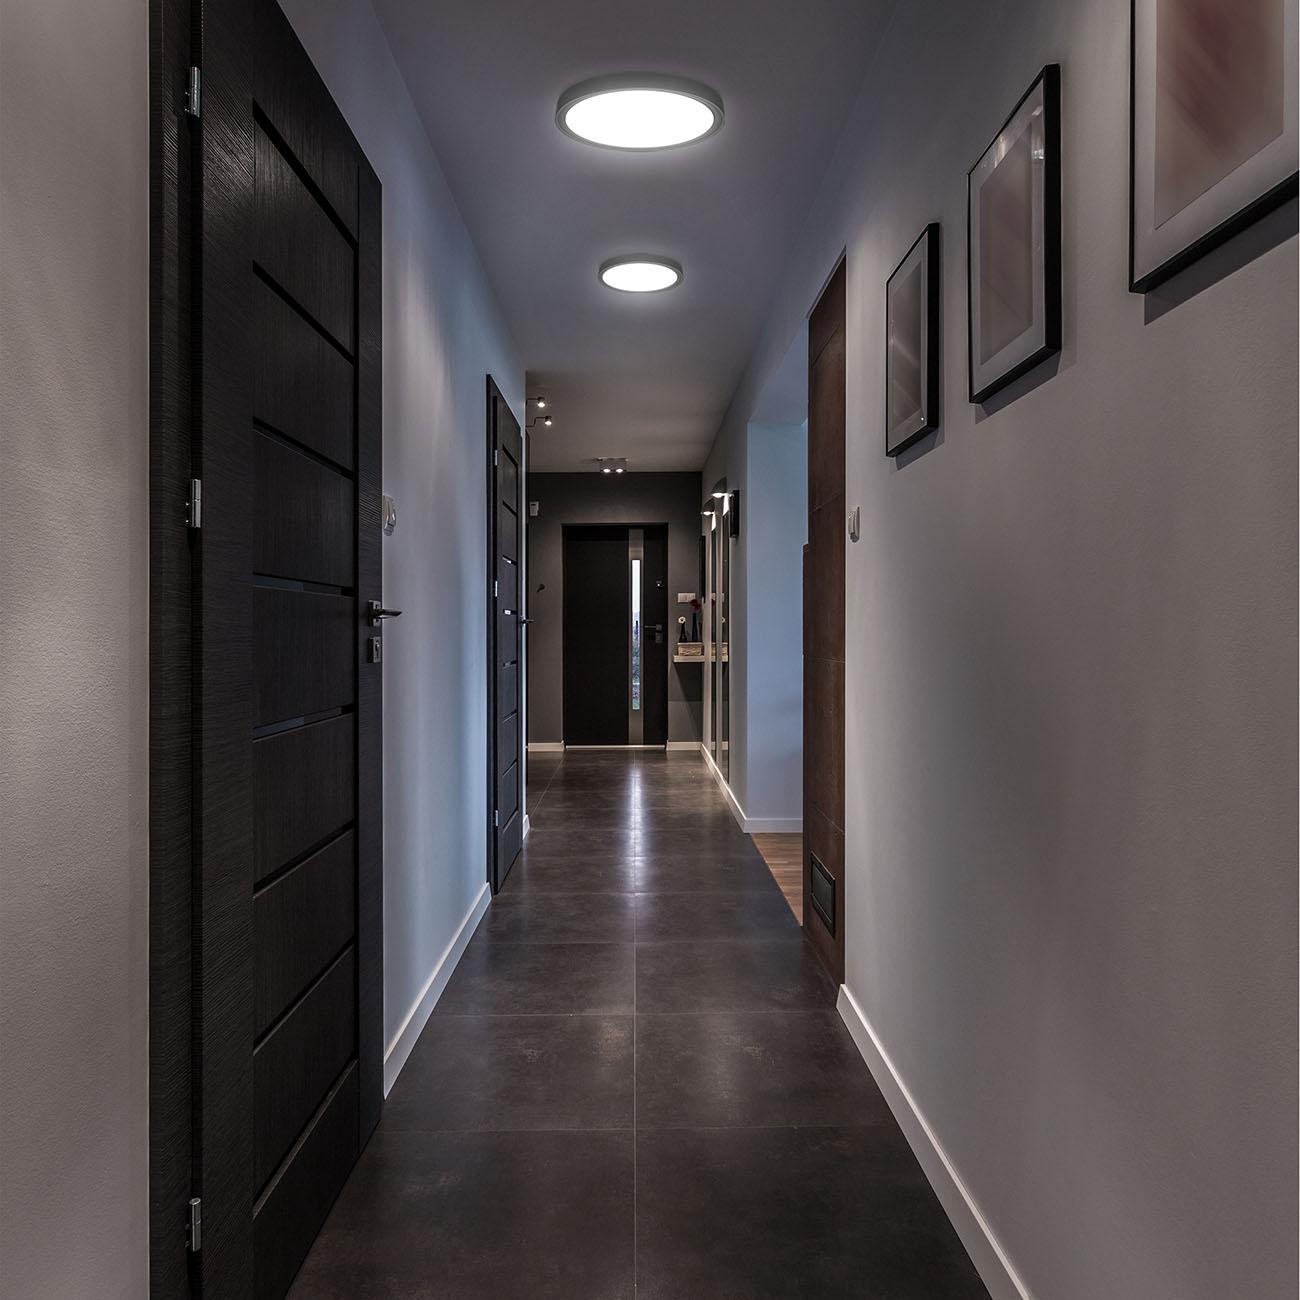 LED Deckenlampe neutralweiß rund schwarz - 7